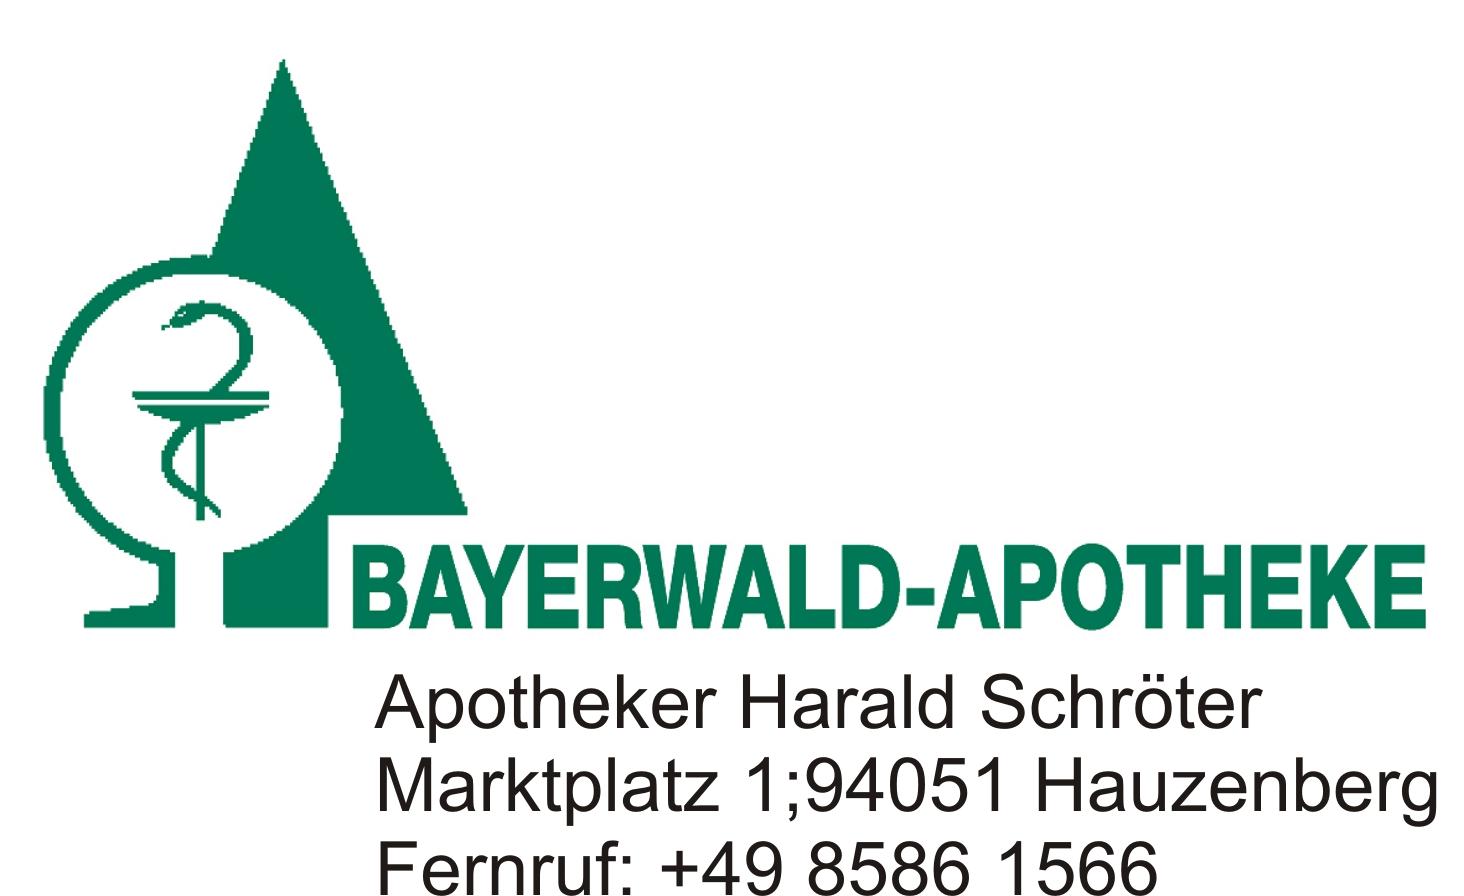 Bayerwald-Apotheke